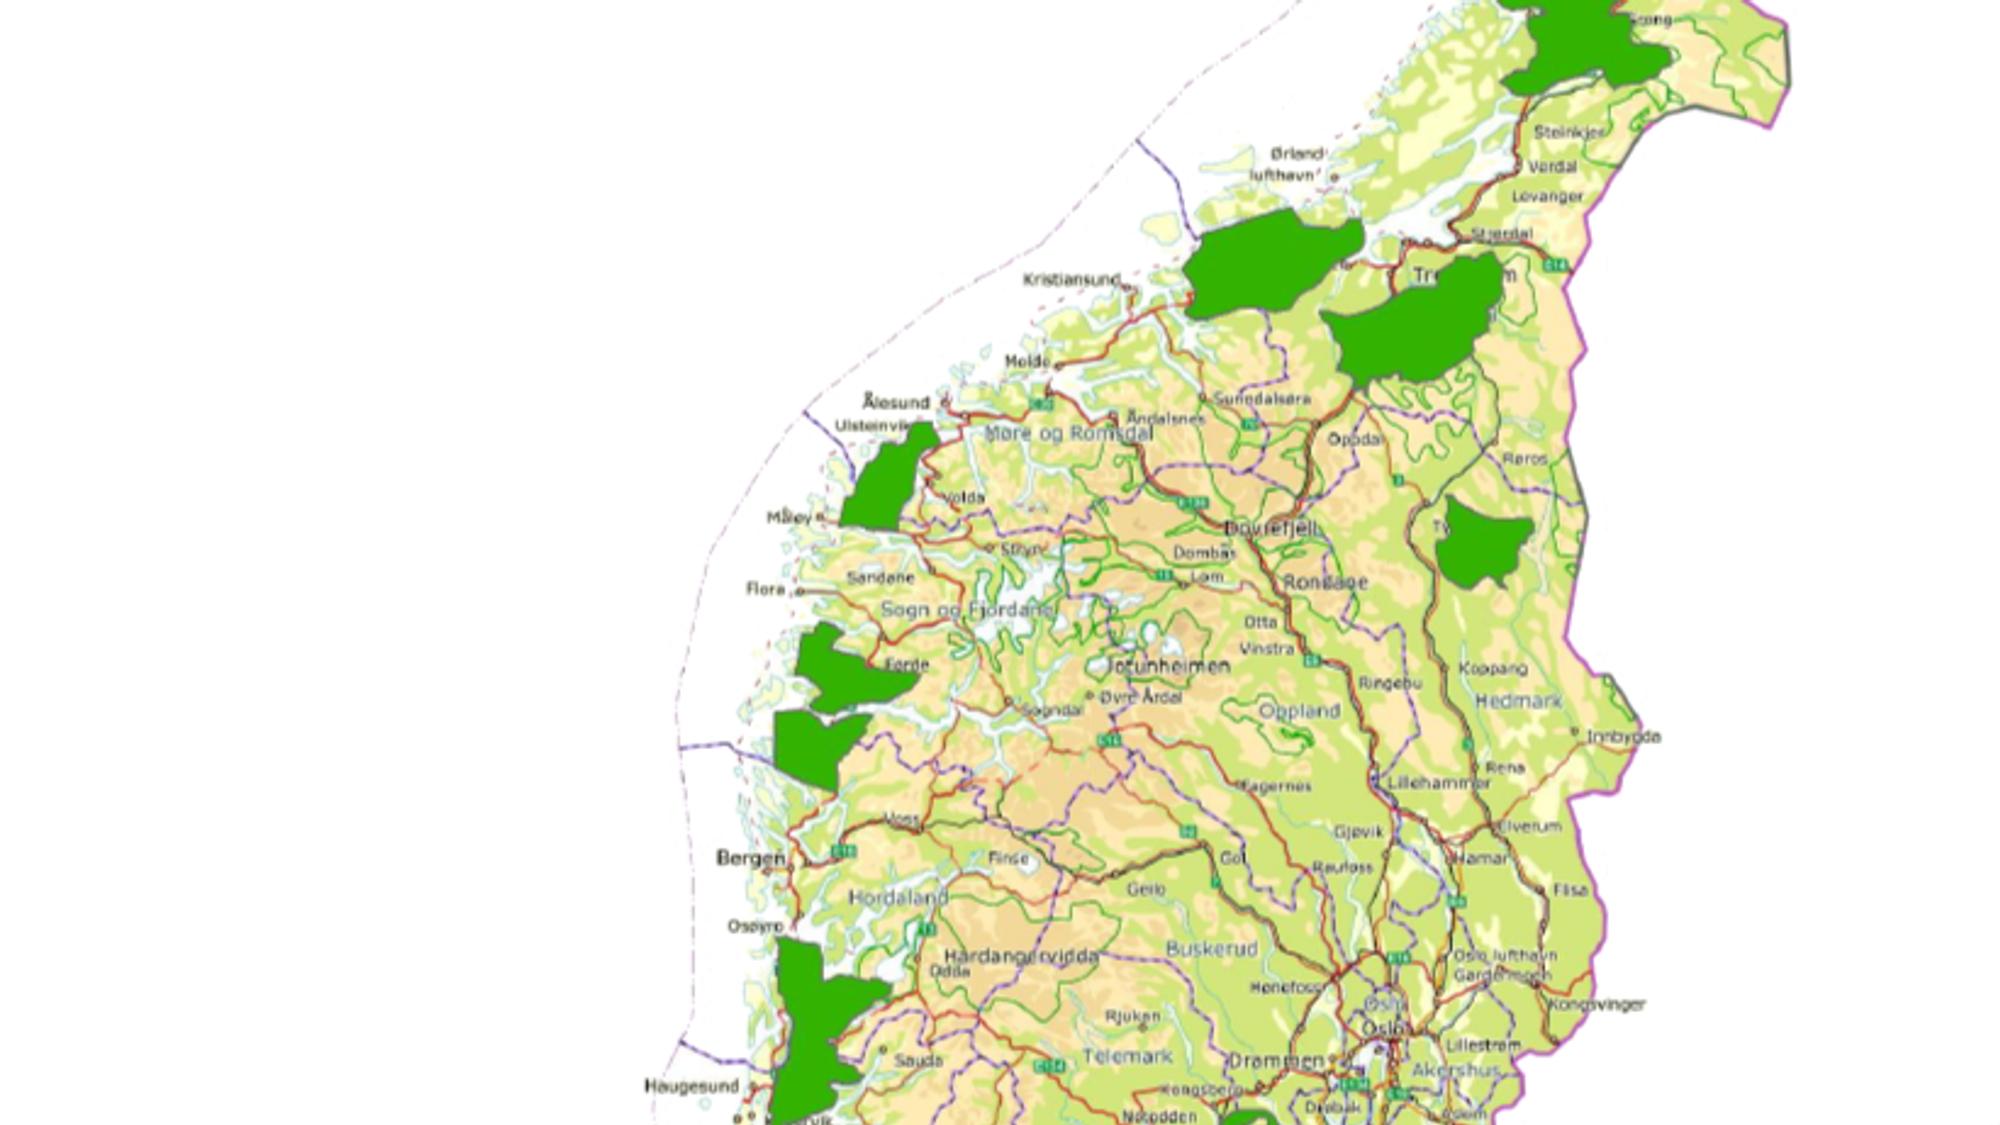 Områder på vestlandet som NVE mener egner seg godt for vindkraft.